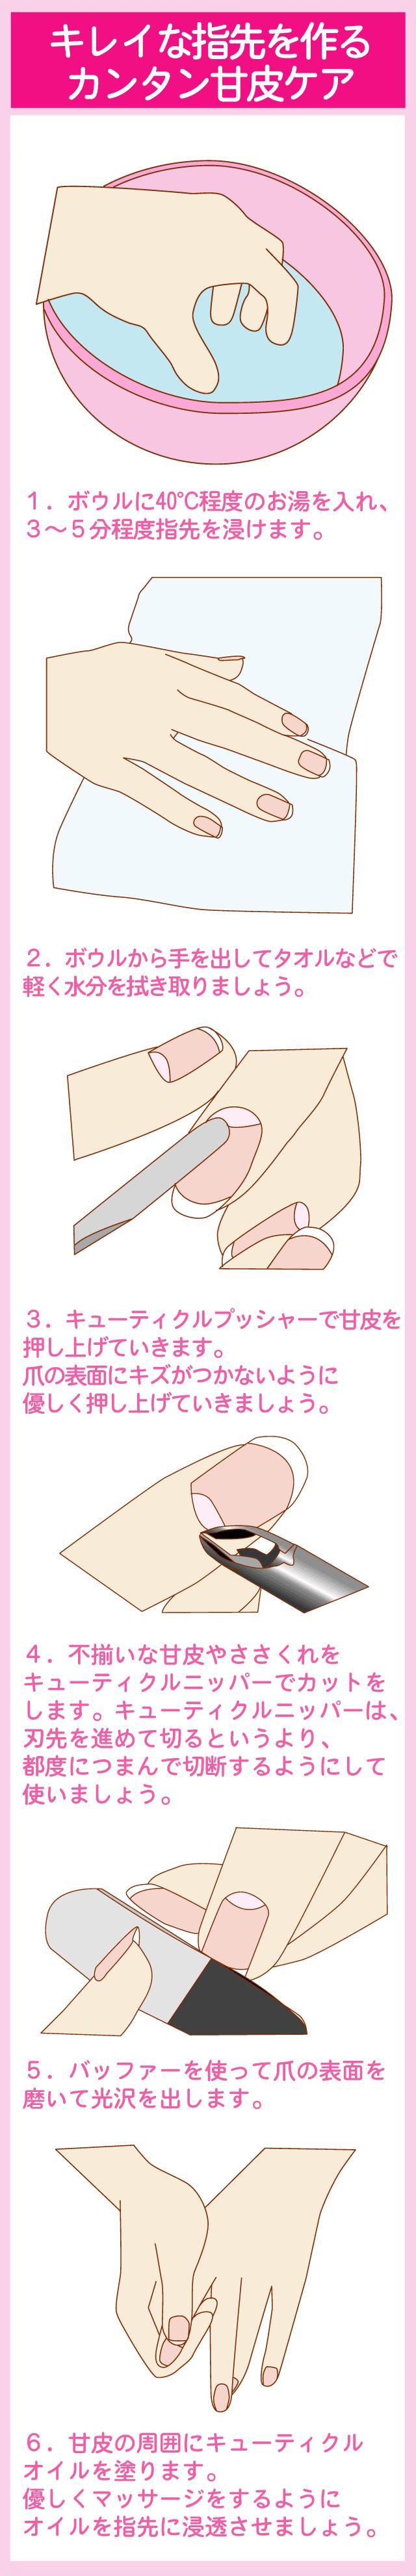 甘皮(キューティクル)のセルフケア